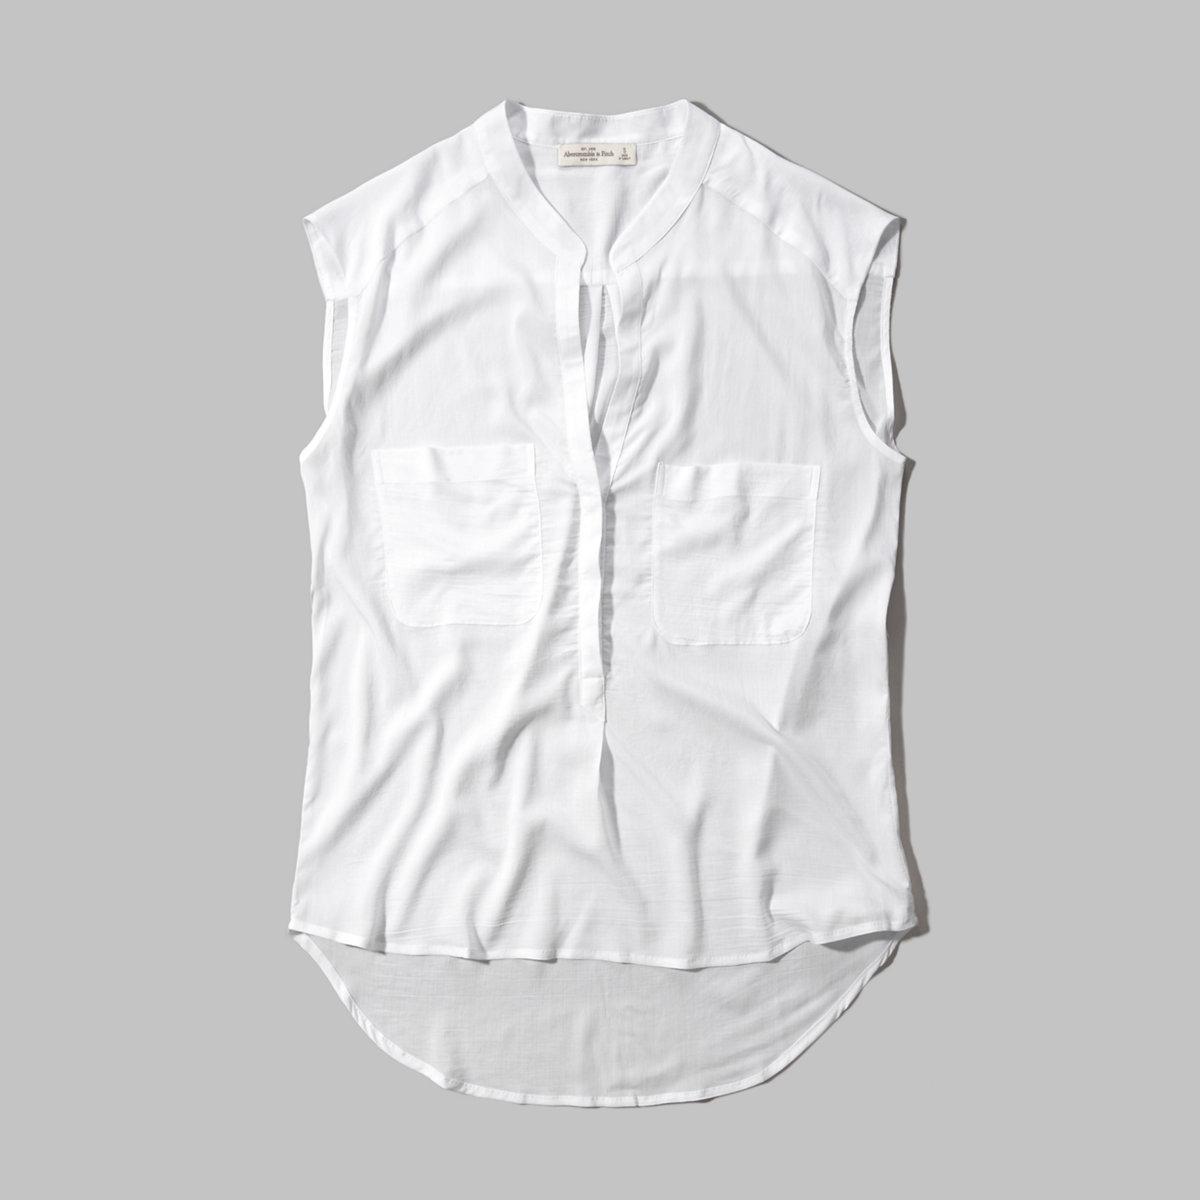 Lightweight Sleveless Shirt